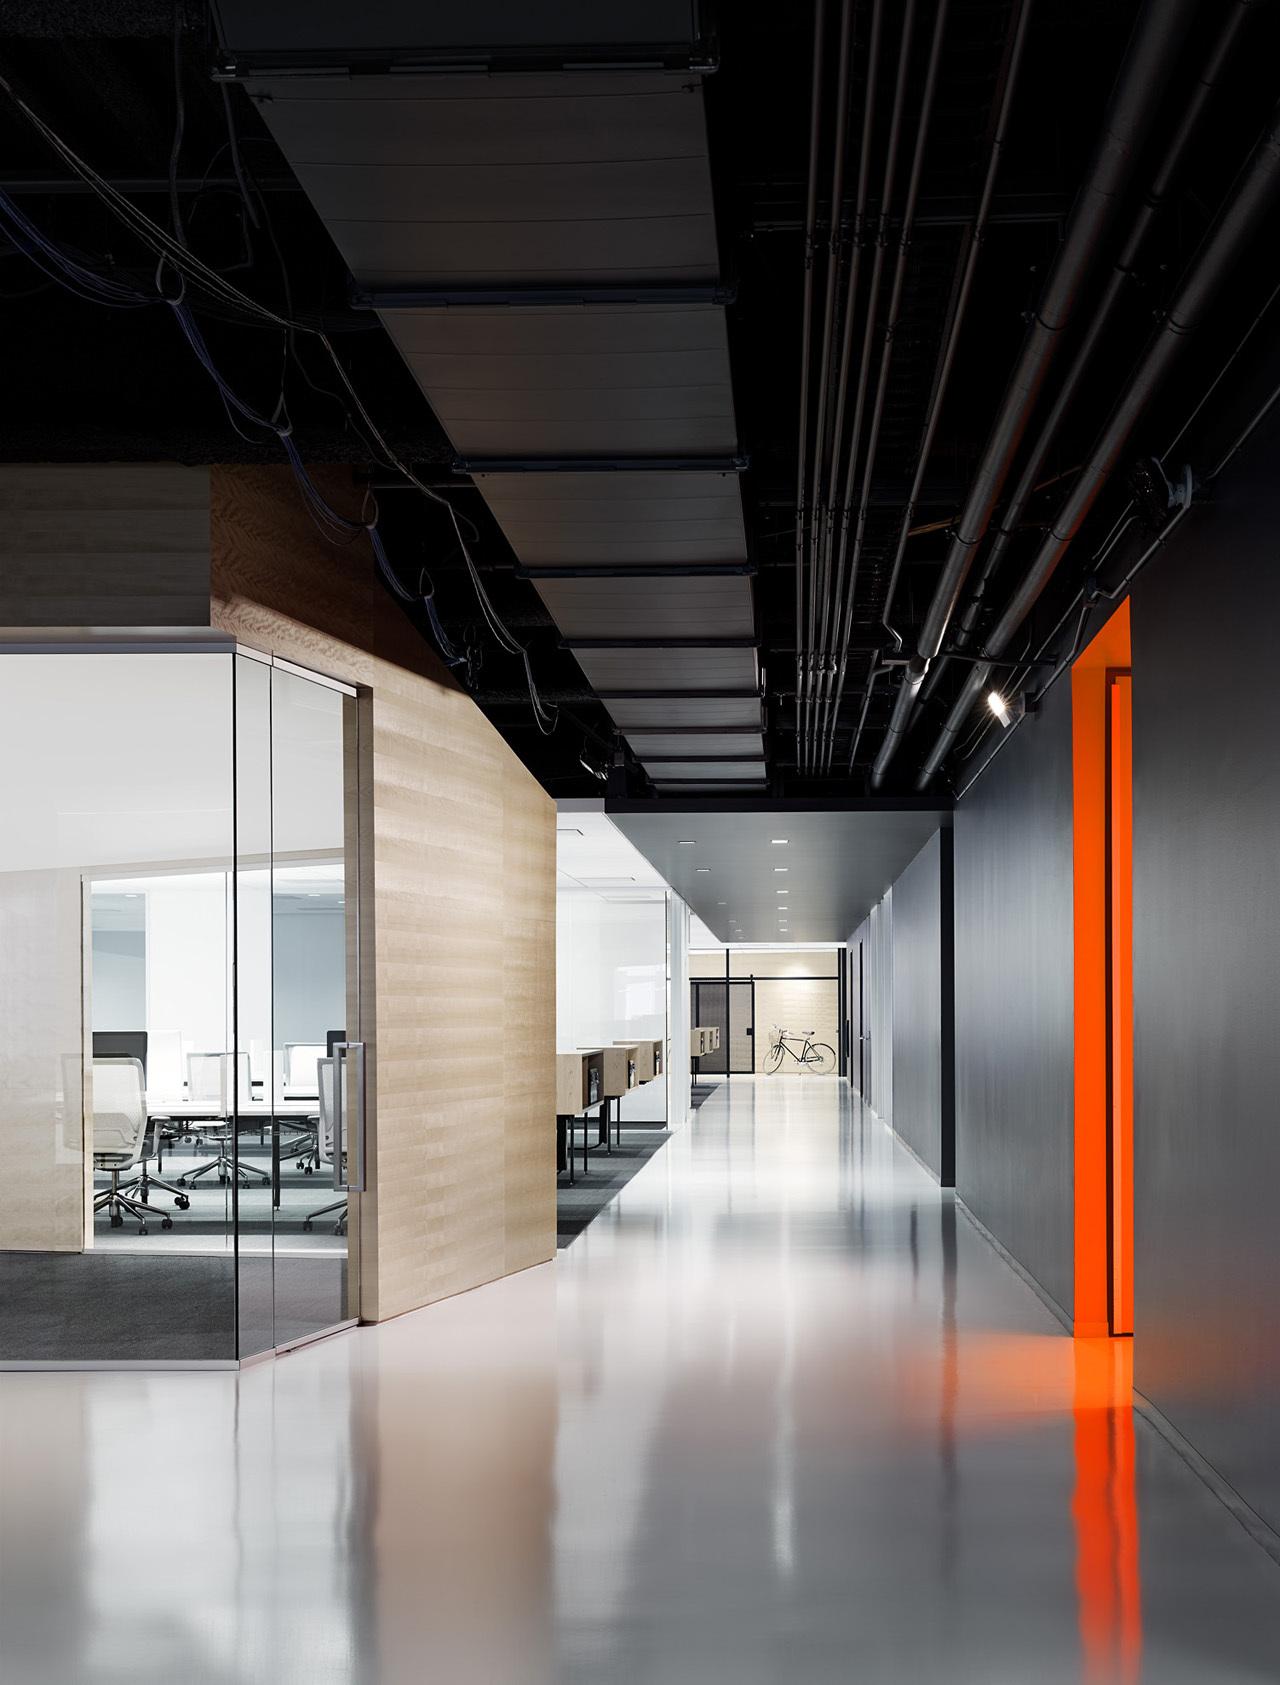 上海天波信息科技有限公司走廊辦公室裝修案例